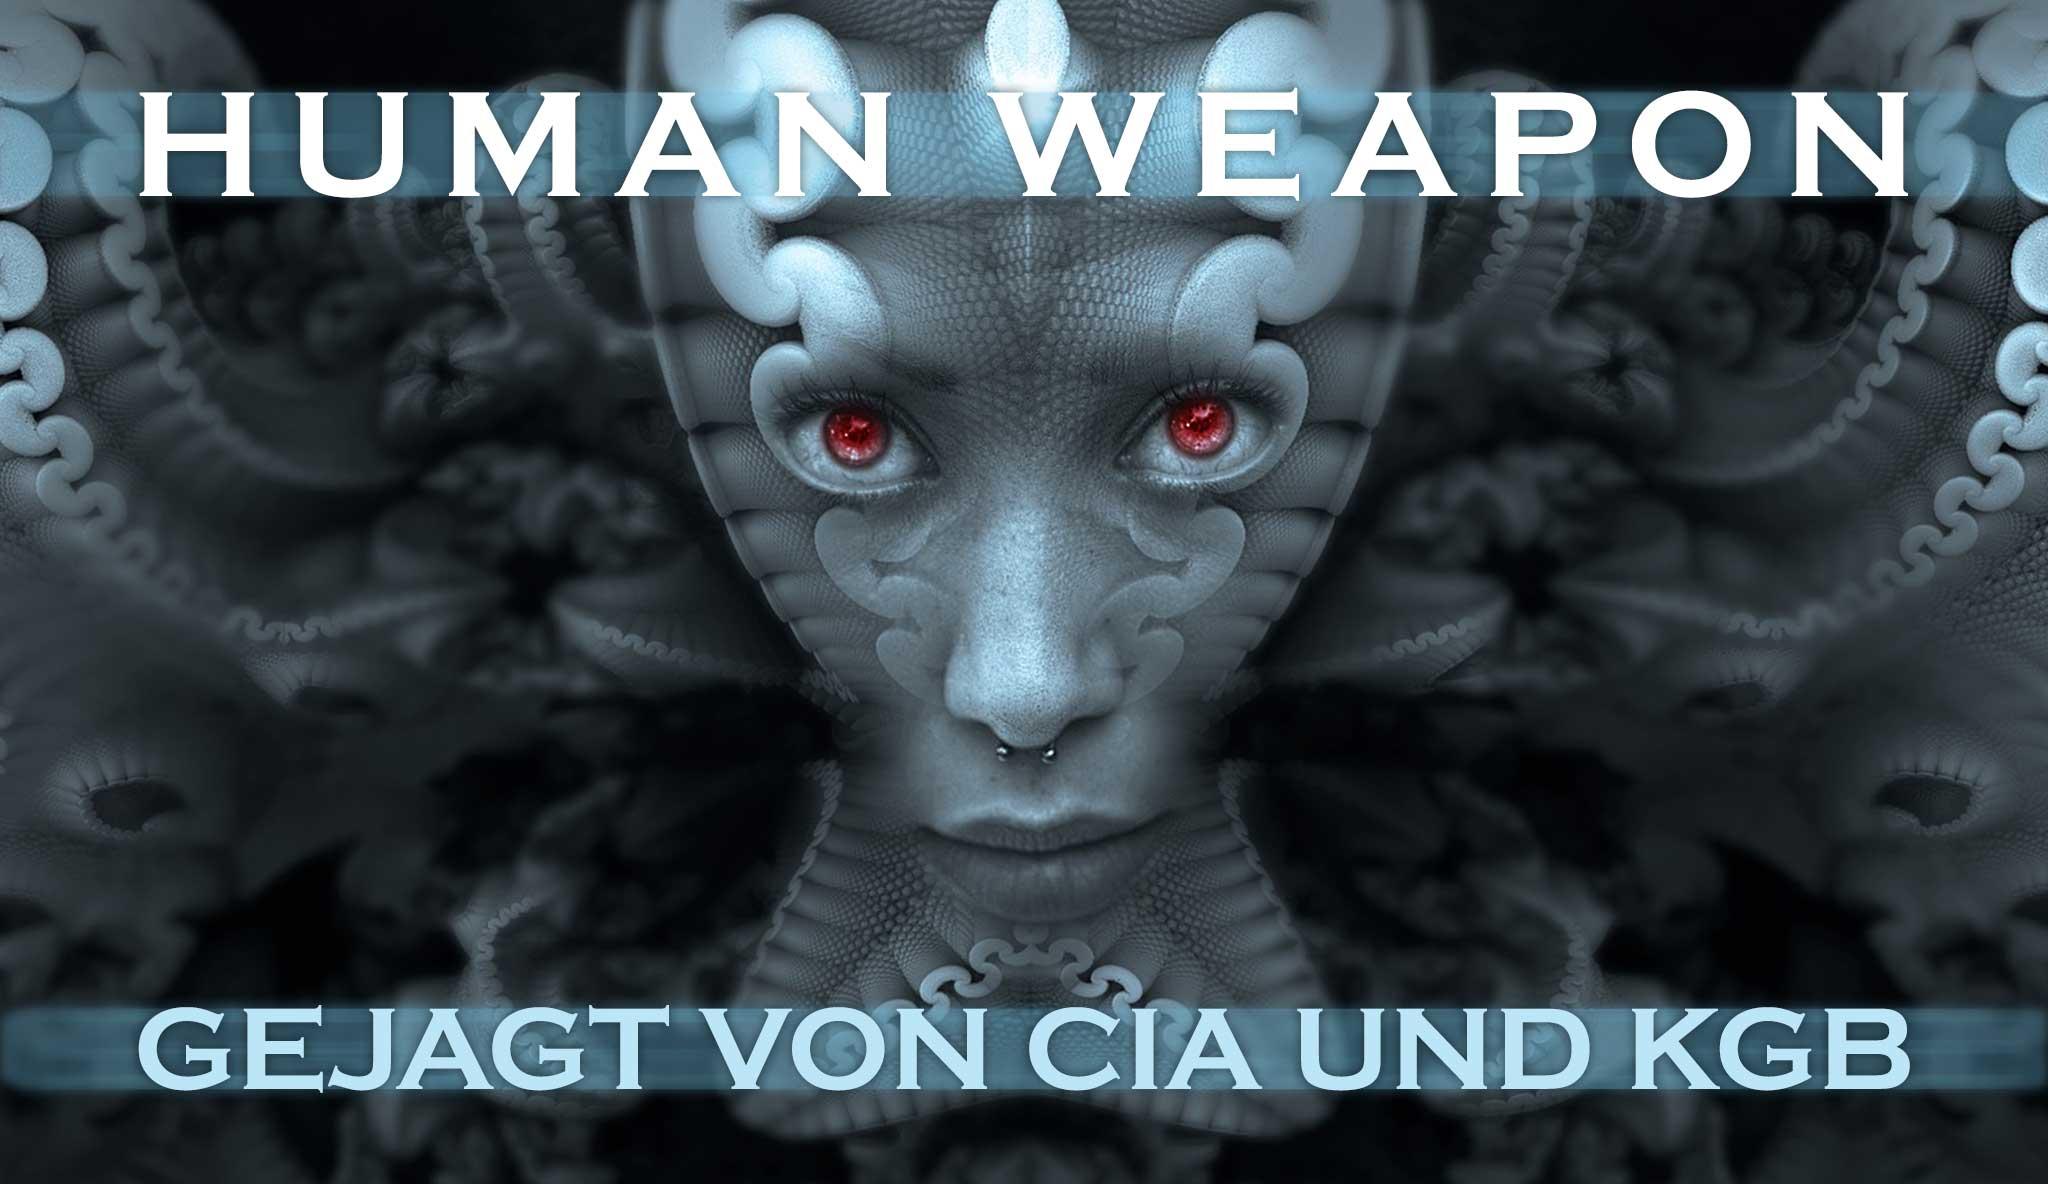 human-weapon-gejagt-von-cia-und-kgb\header.jpg